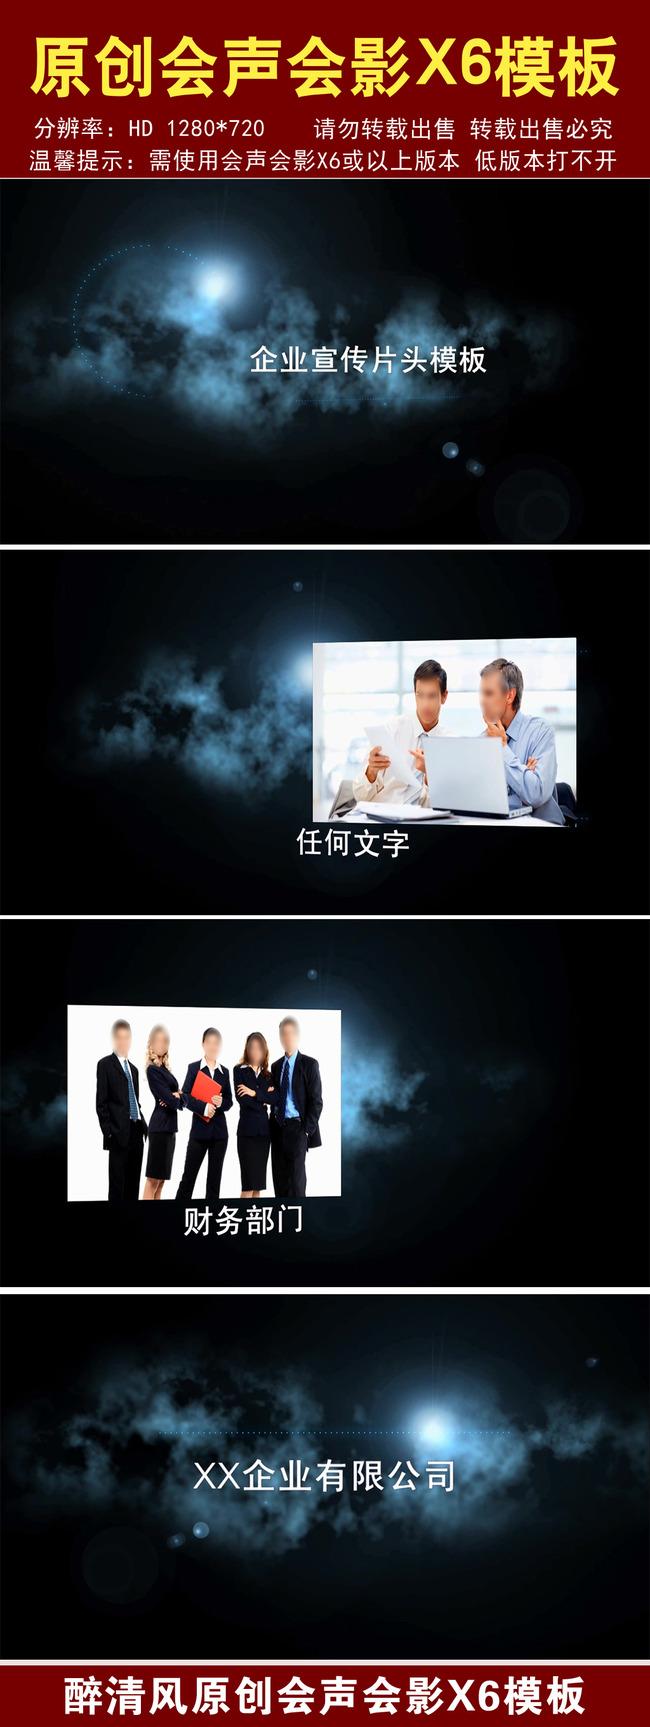 会声会影x6模板商务企业宣传片头模板下载